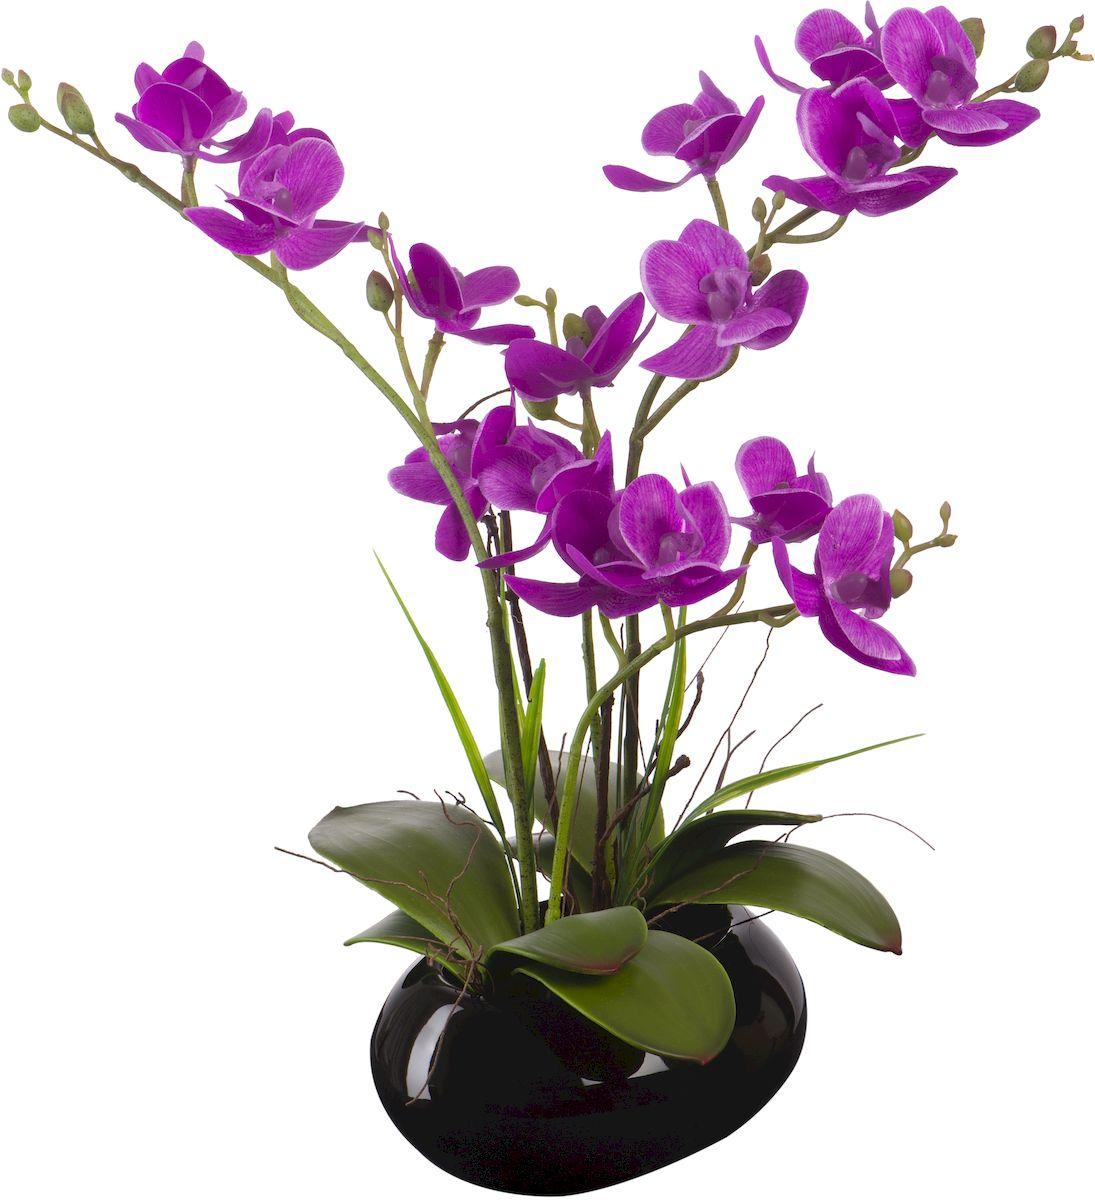 Цветы декоративные Engard Орхидея, в кашпо, 14 х 12 х 34 смB-YI-18желтИскусственные цветы Engard - это популярное дизайнерское решение для создания природного колорита и гармонии в пространстве. Искусственная фиолетовая орхидея в керамическом кашпо высотой 34 см выполнена из высококачественного материала передающего неповторимую естественность и является достойной альтернативой живым цветам. Не требует постоянного ухода.